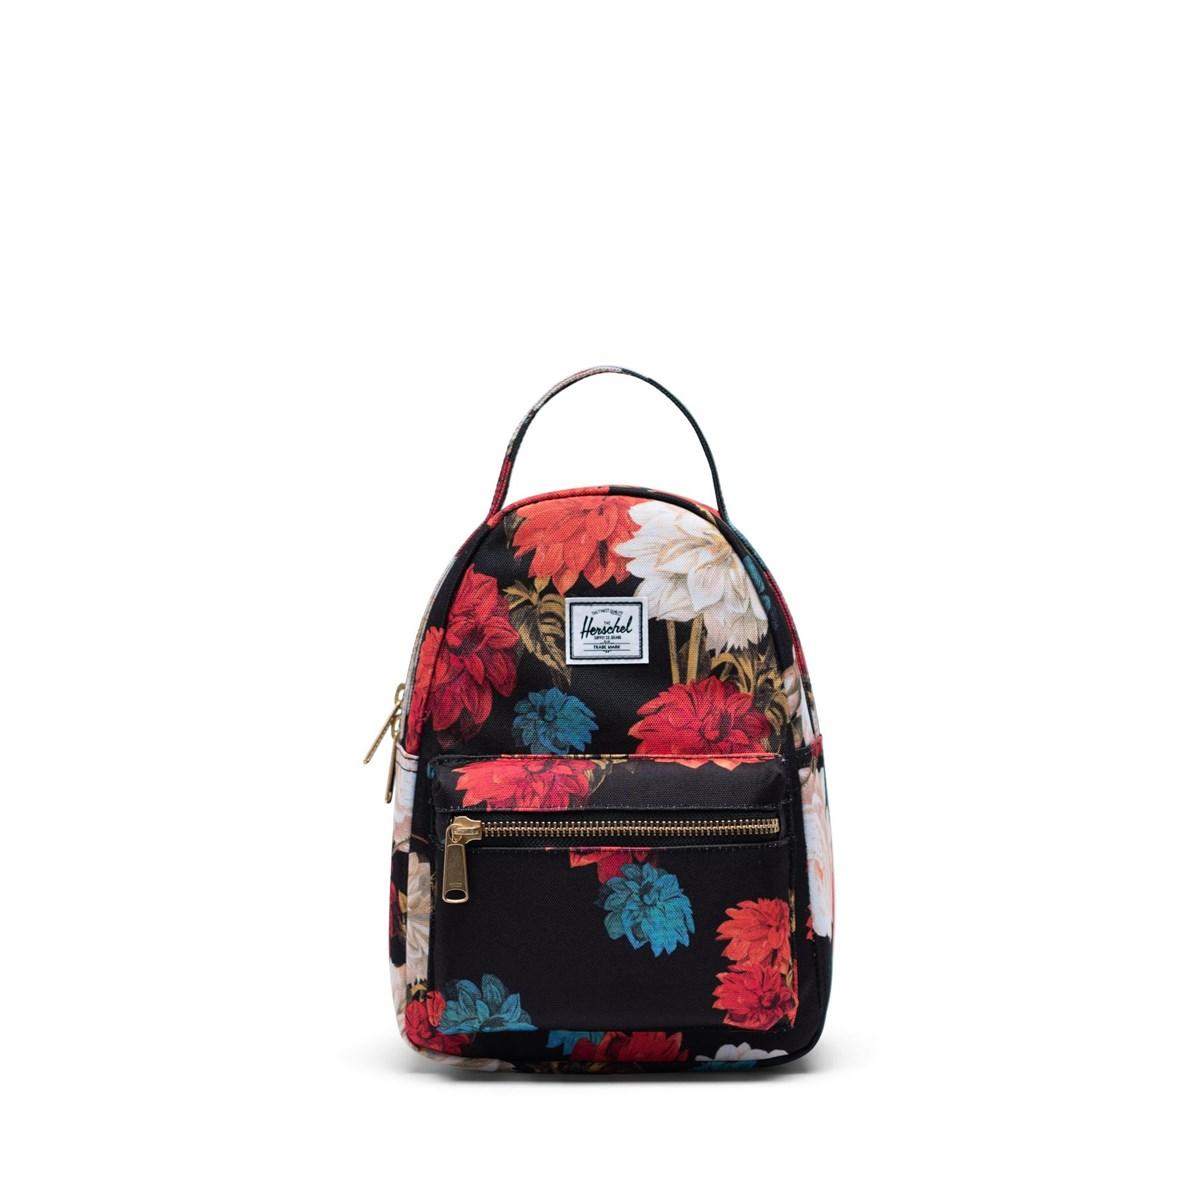 Nova Mini Backpack in Floral Black